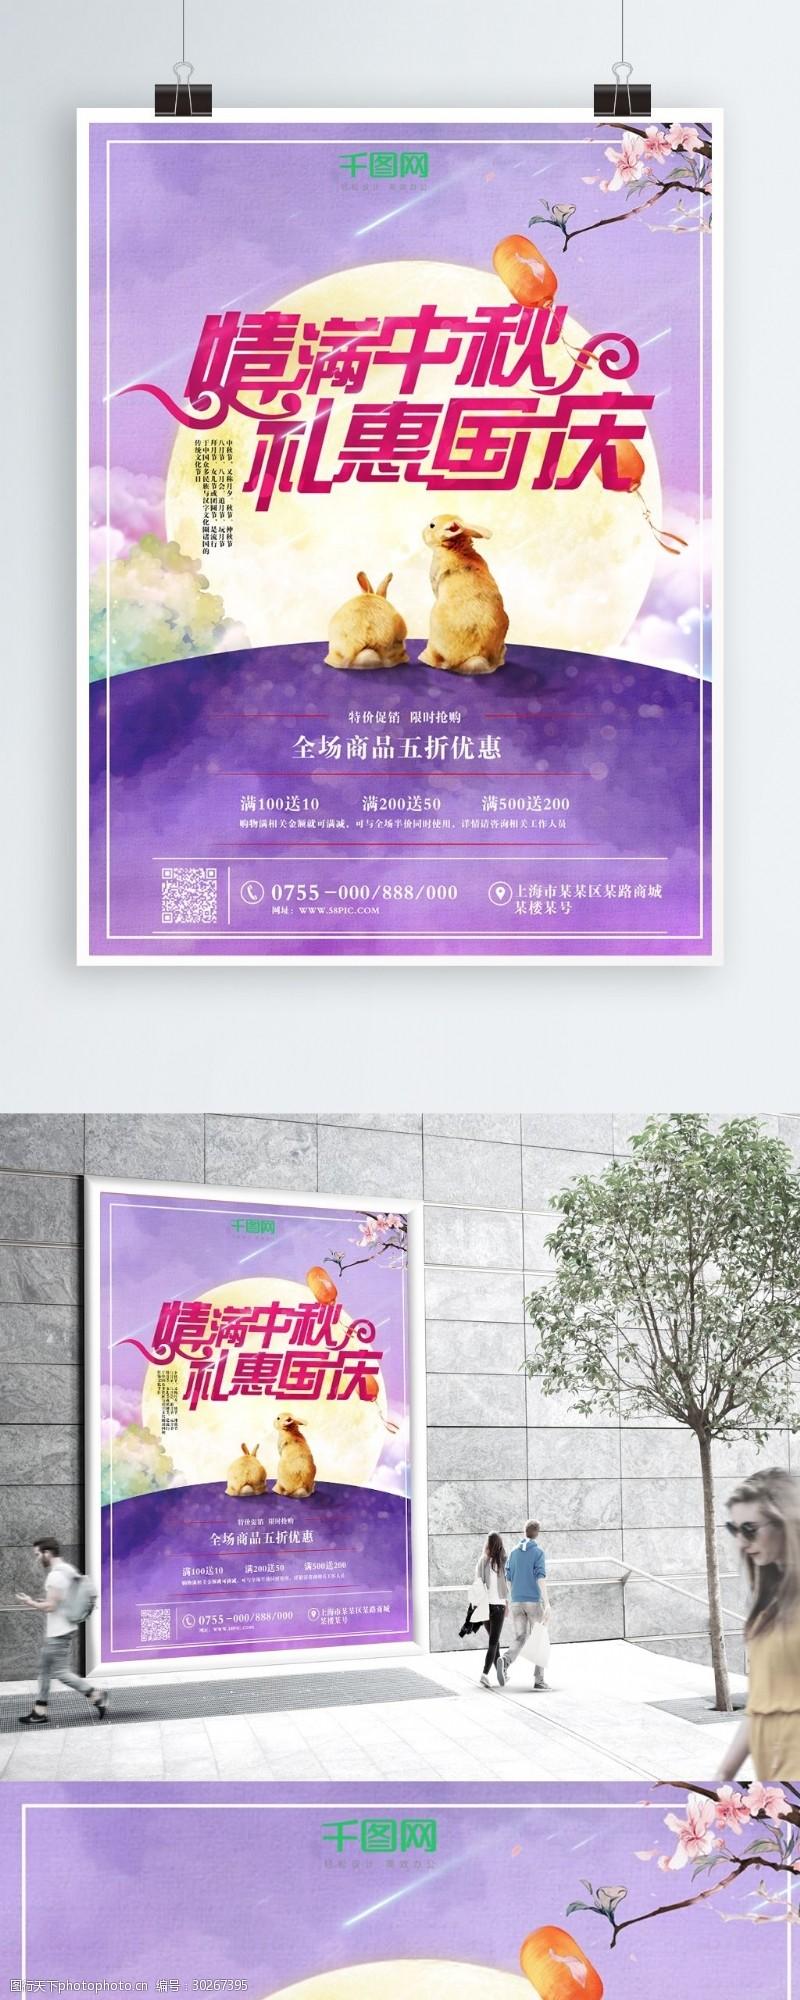 全场商品5折紫色情满中秋节日促销海报